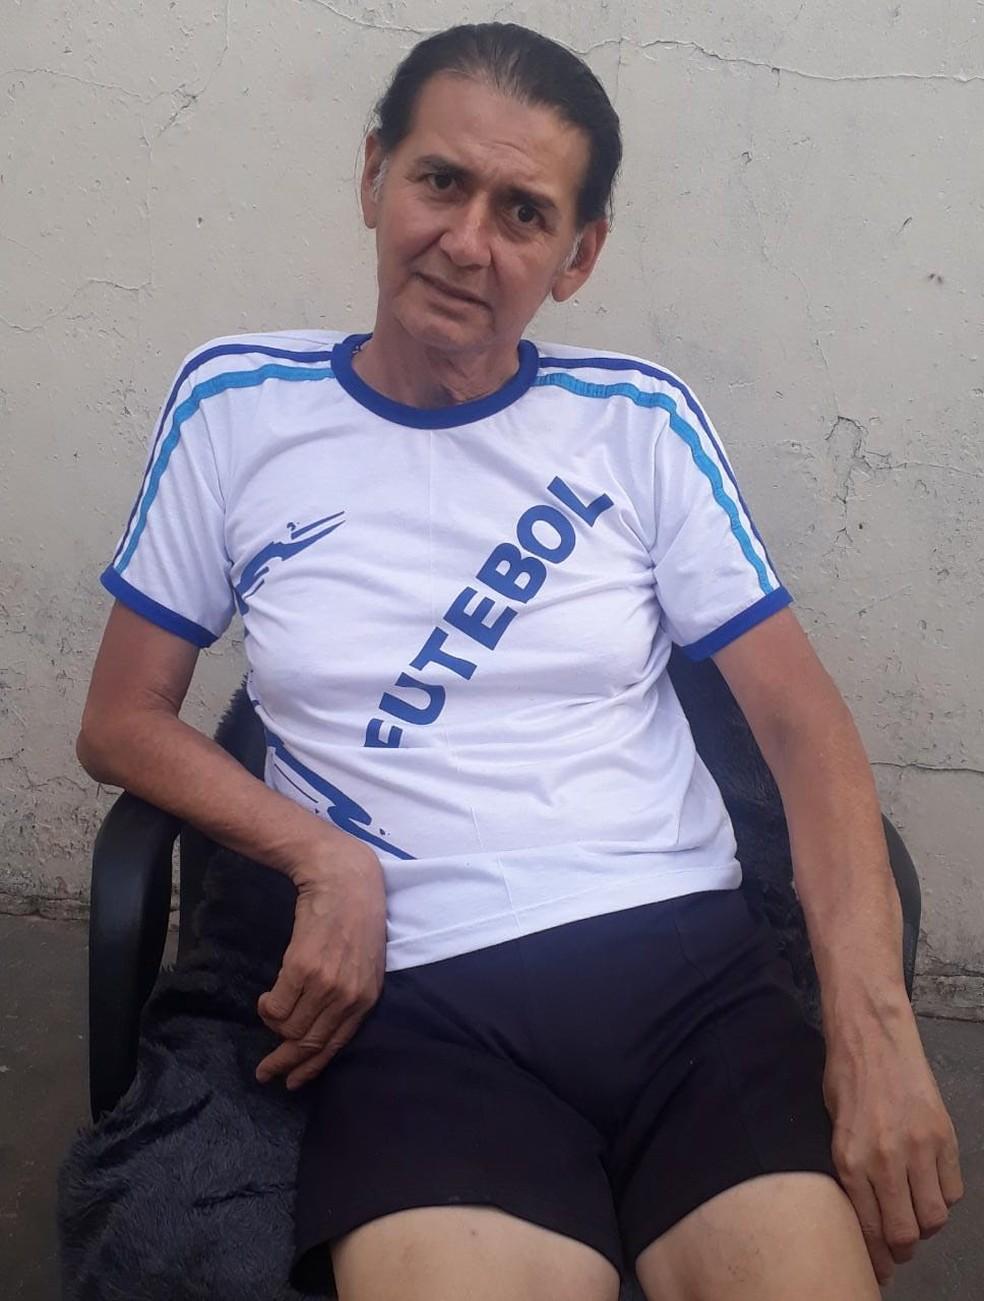 Camila segue se recuperando das agressões — Foto: Camila Ferreira/Arquivo Pessoal